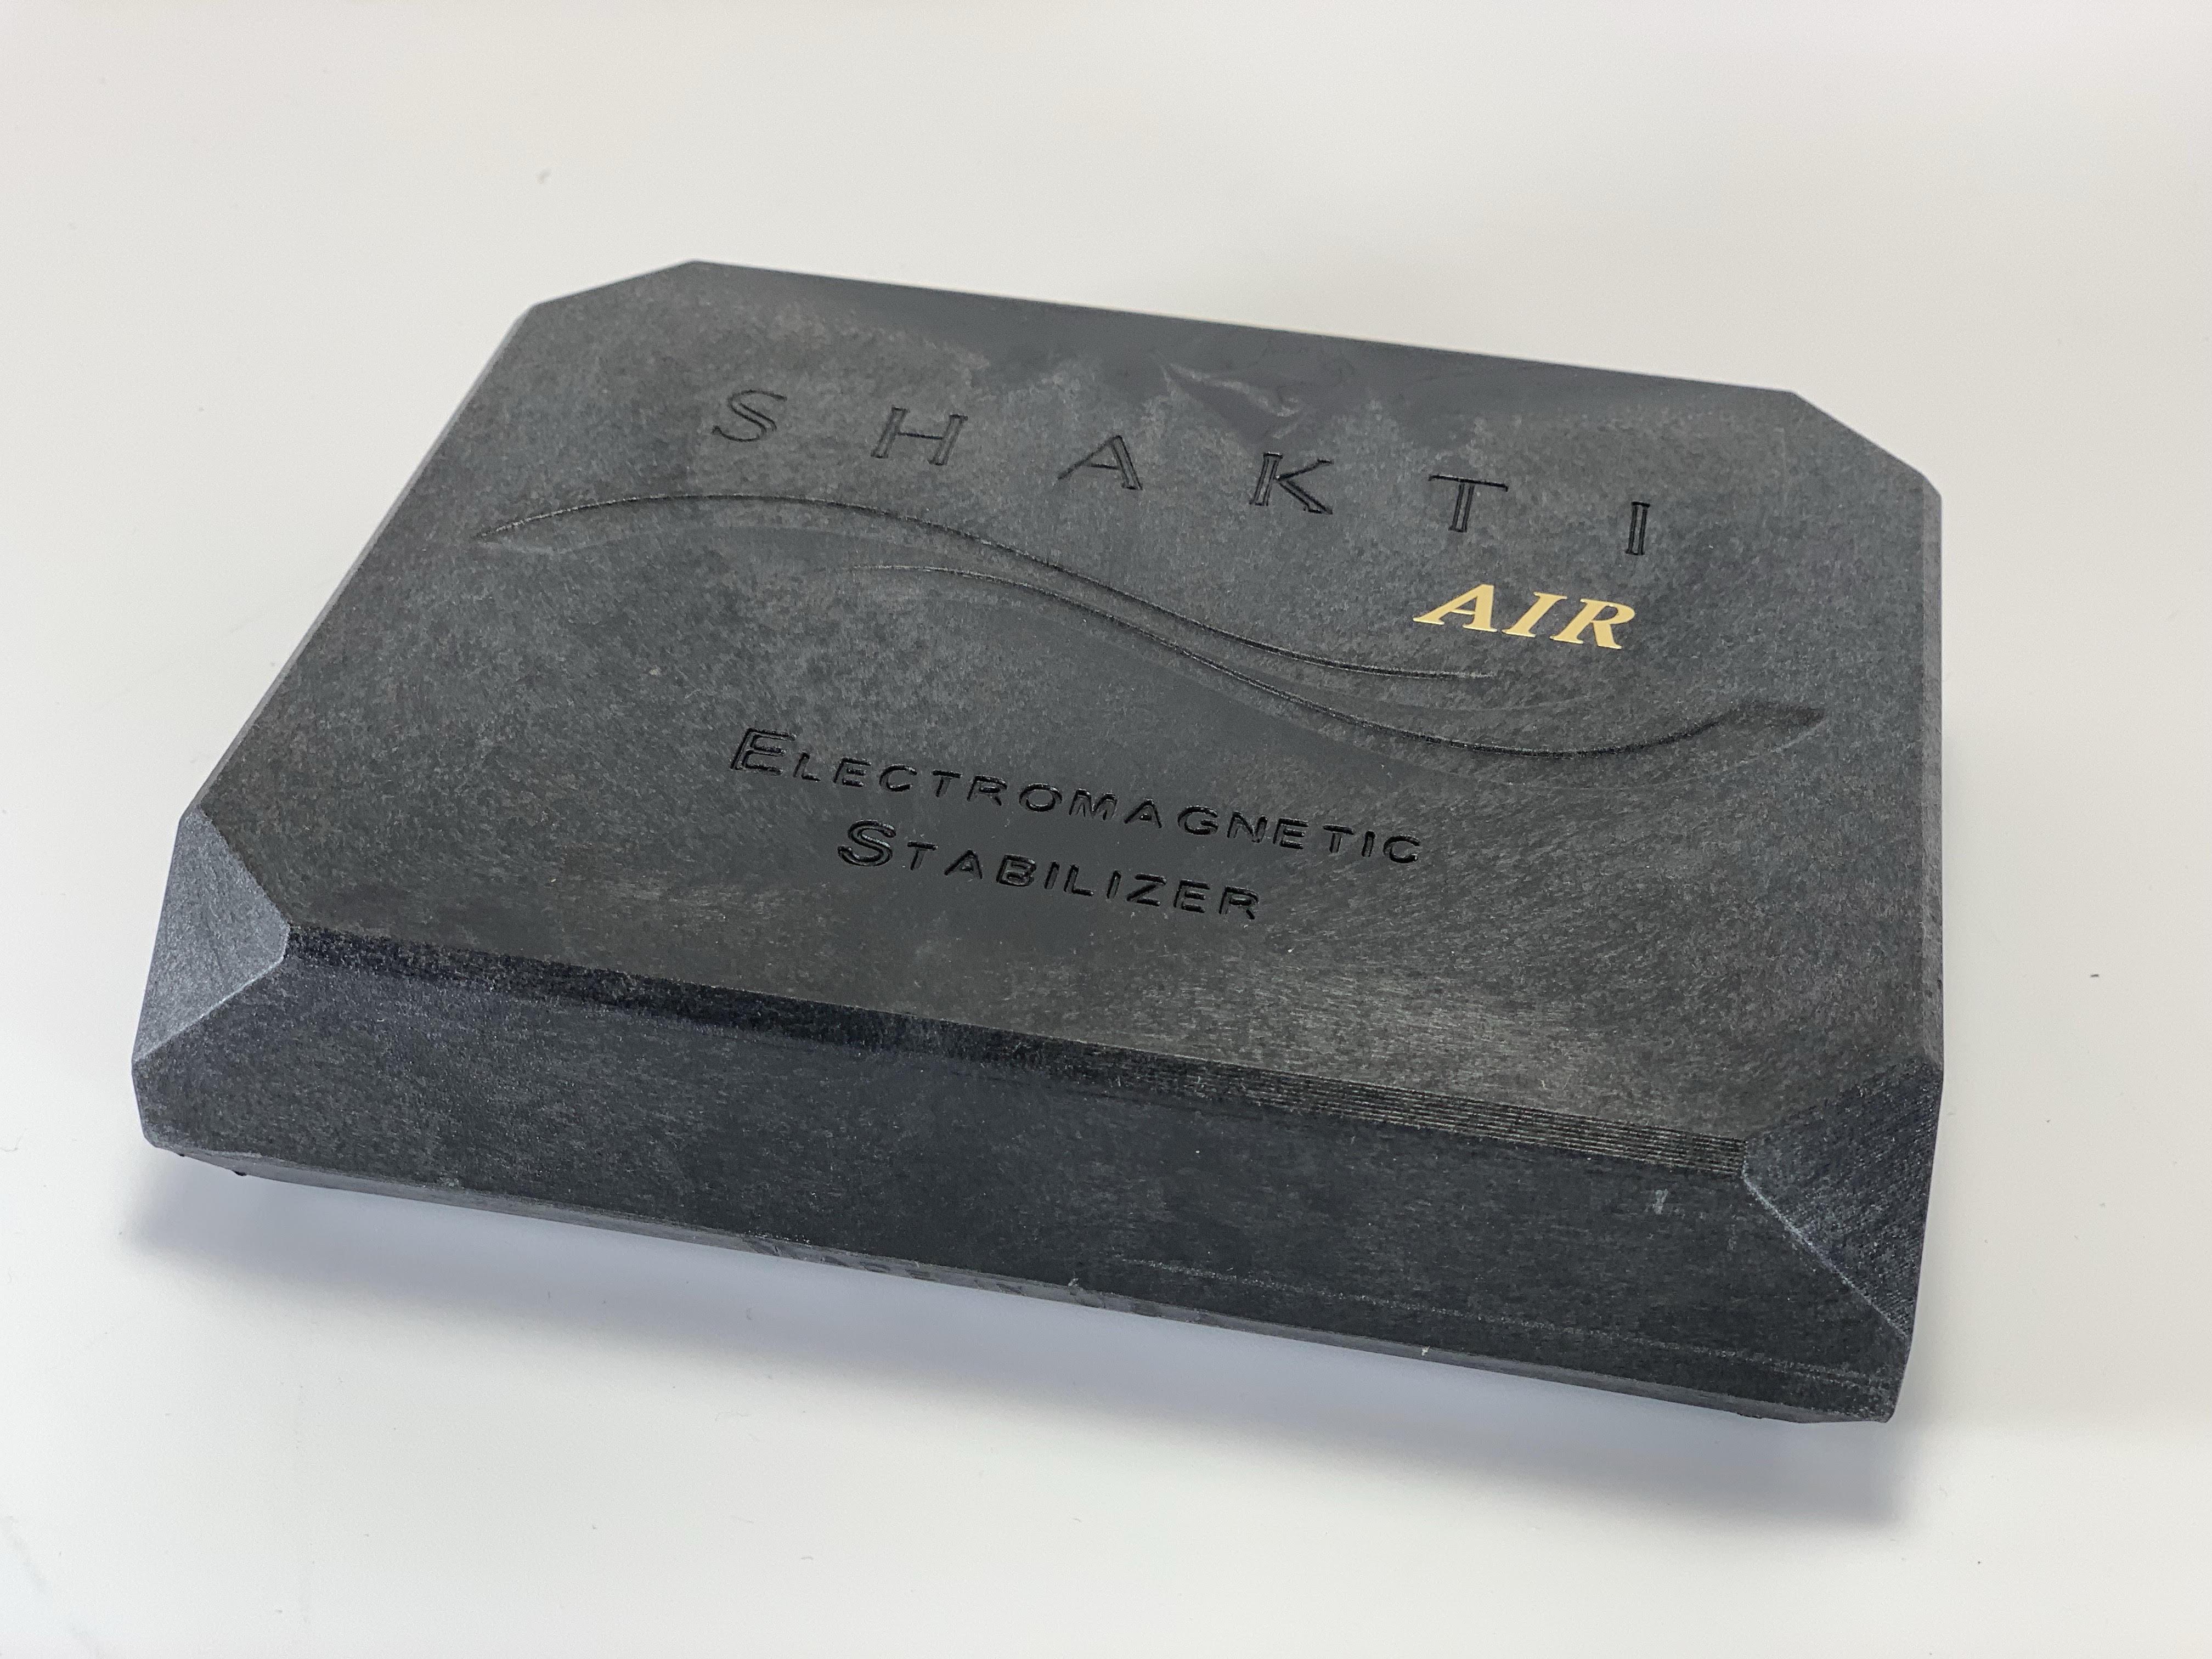 shakti-air stone